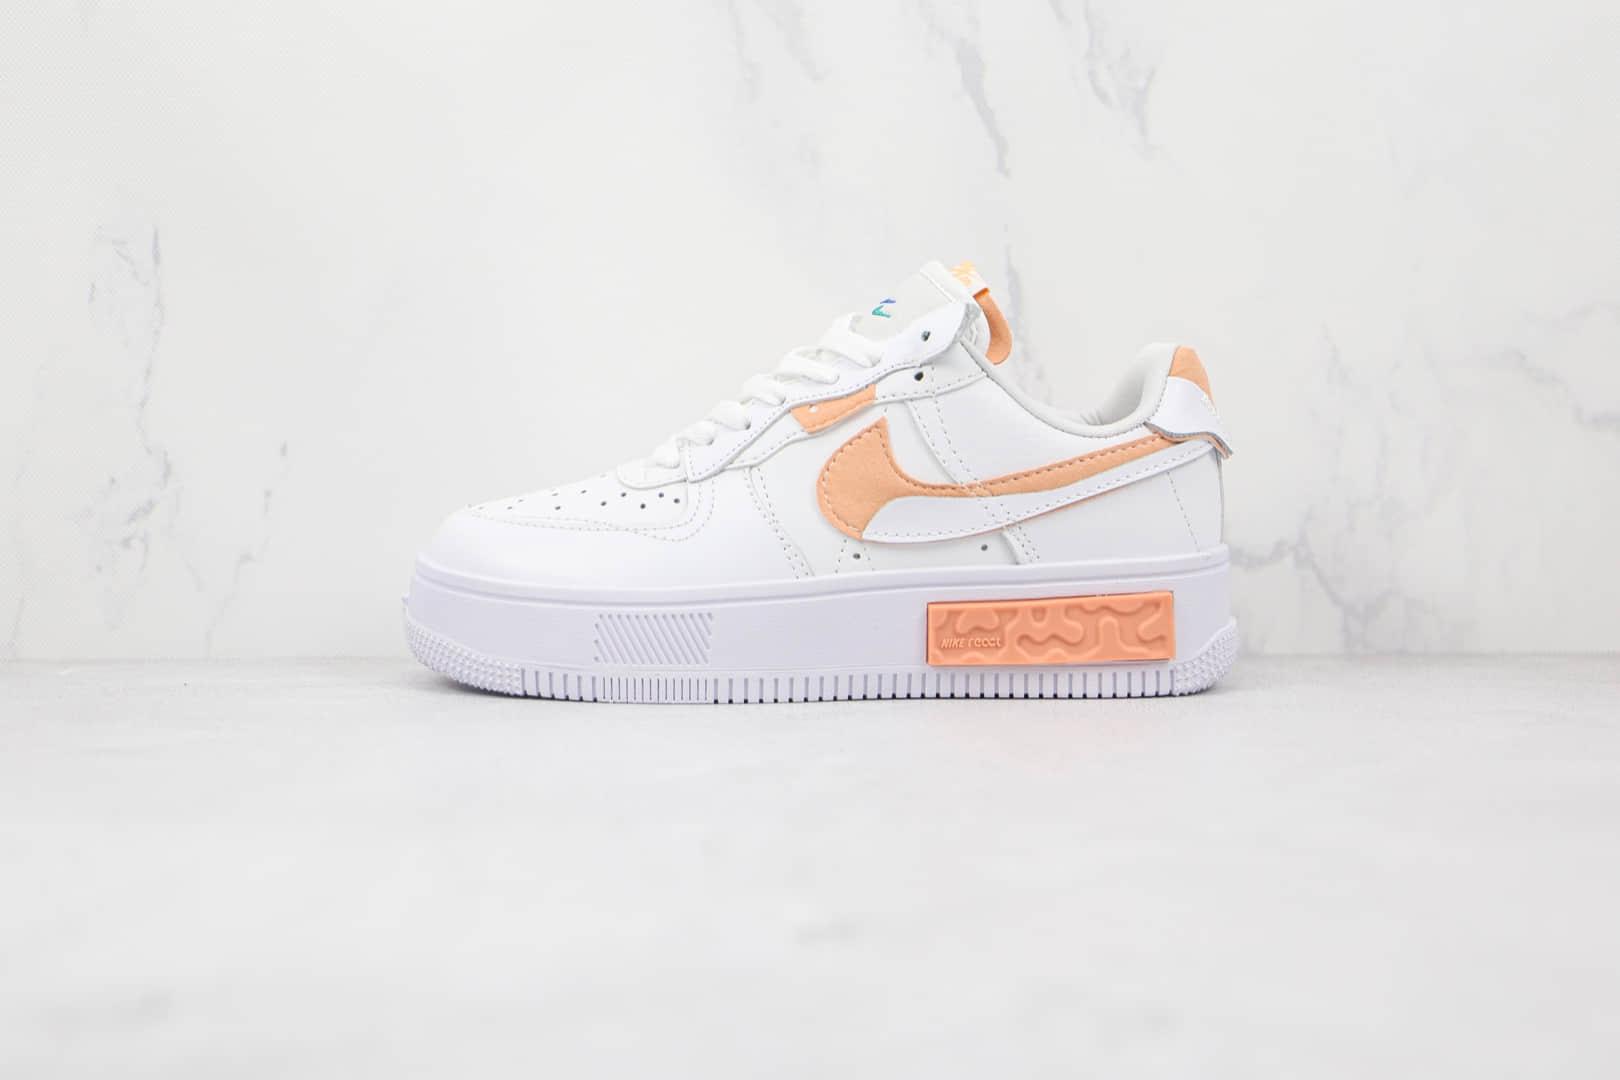 耐克Nike Air Force 1 Fontanka纯原版本低帮空军一号Fontanka联名白橙色板鞋原盒原标 货号:DA7024-105